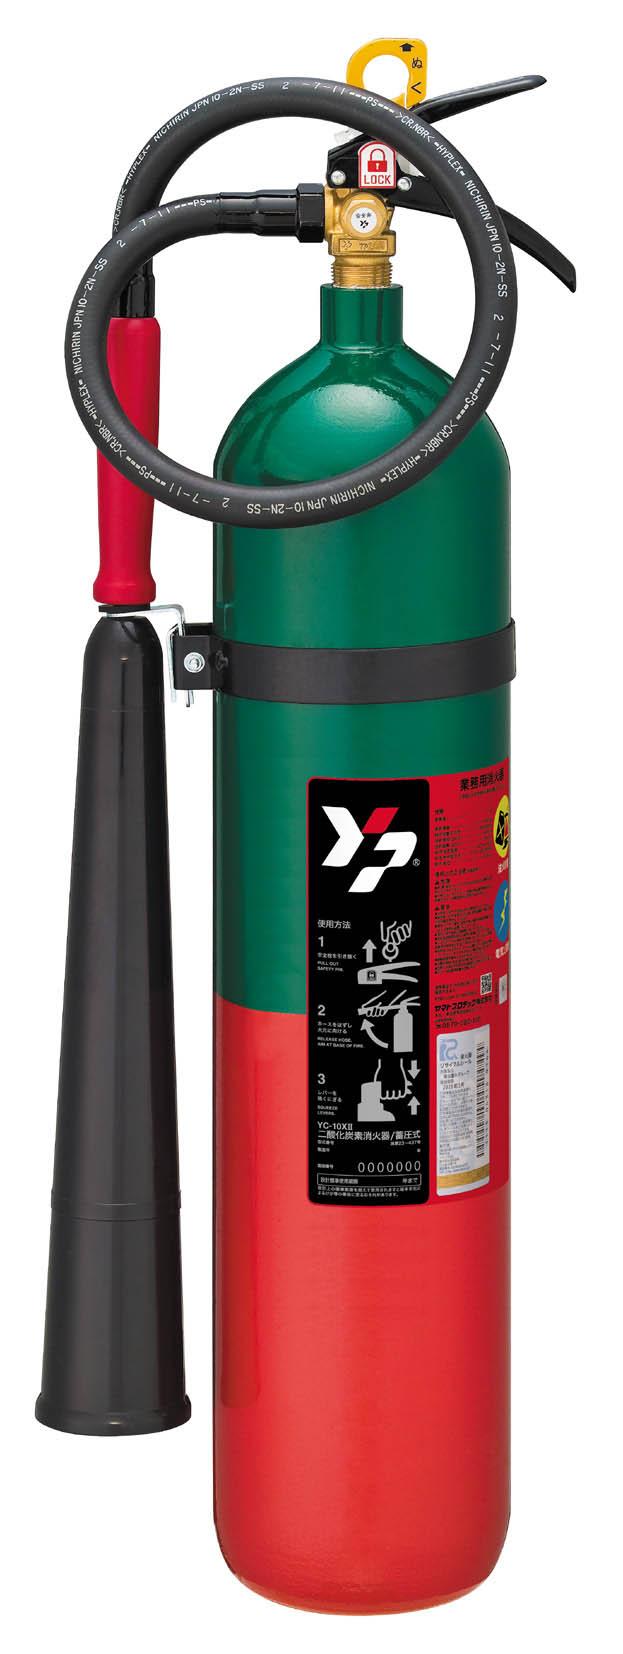 二酸化炭素消火器 YC-10XⅡ